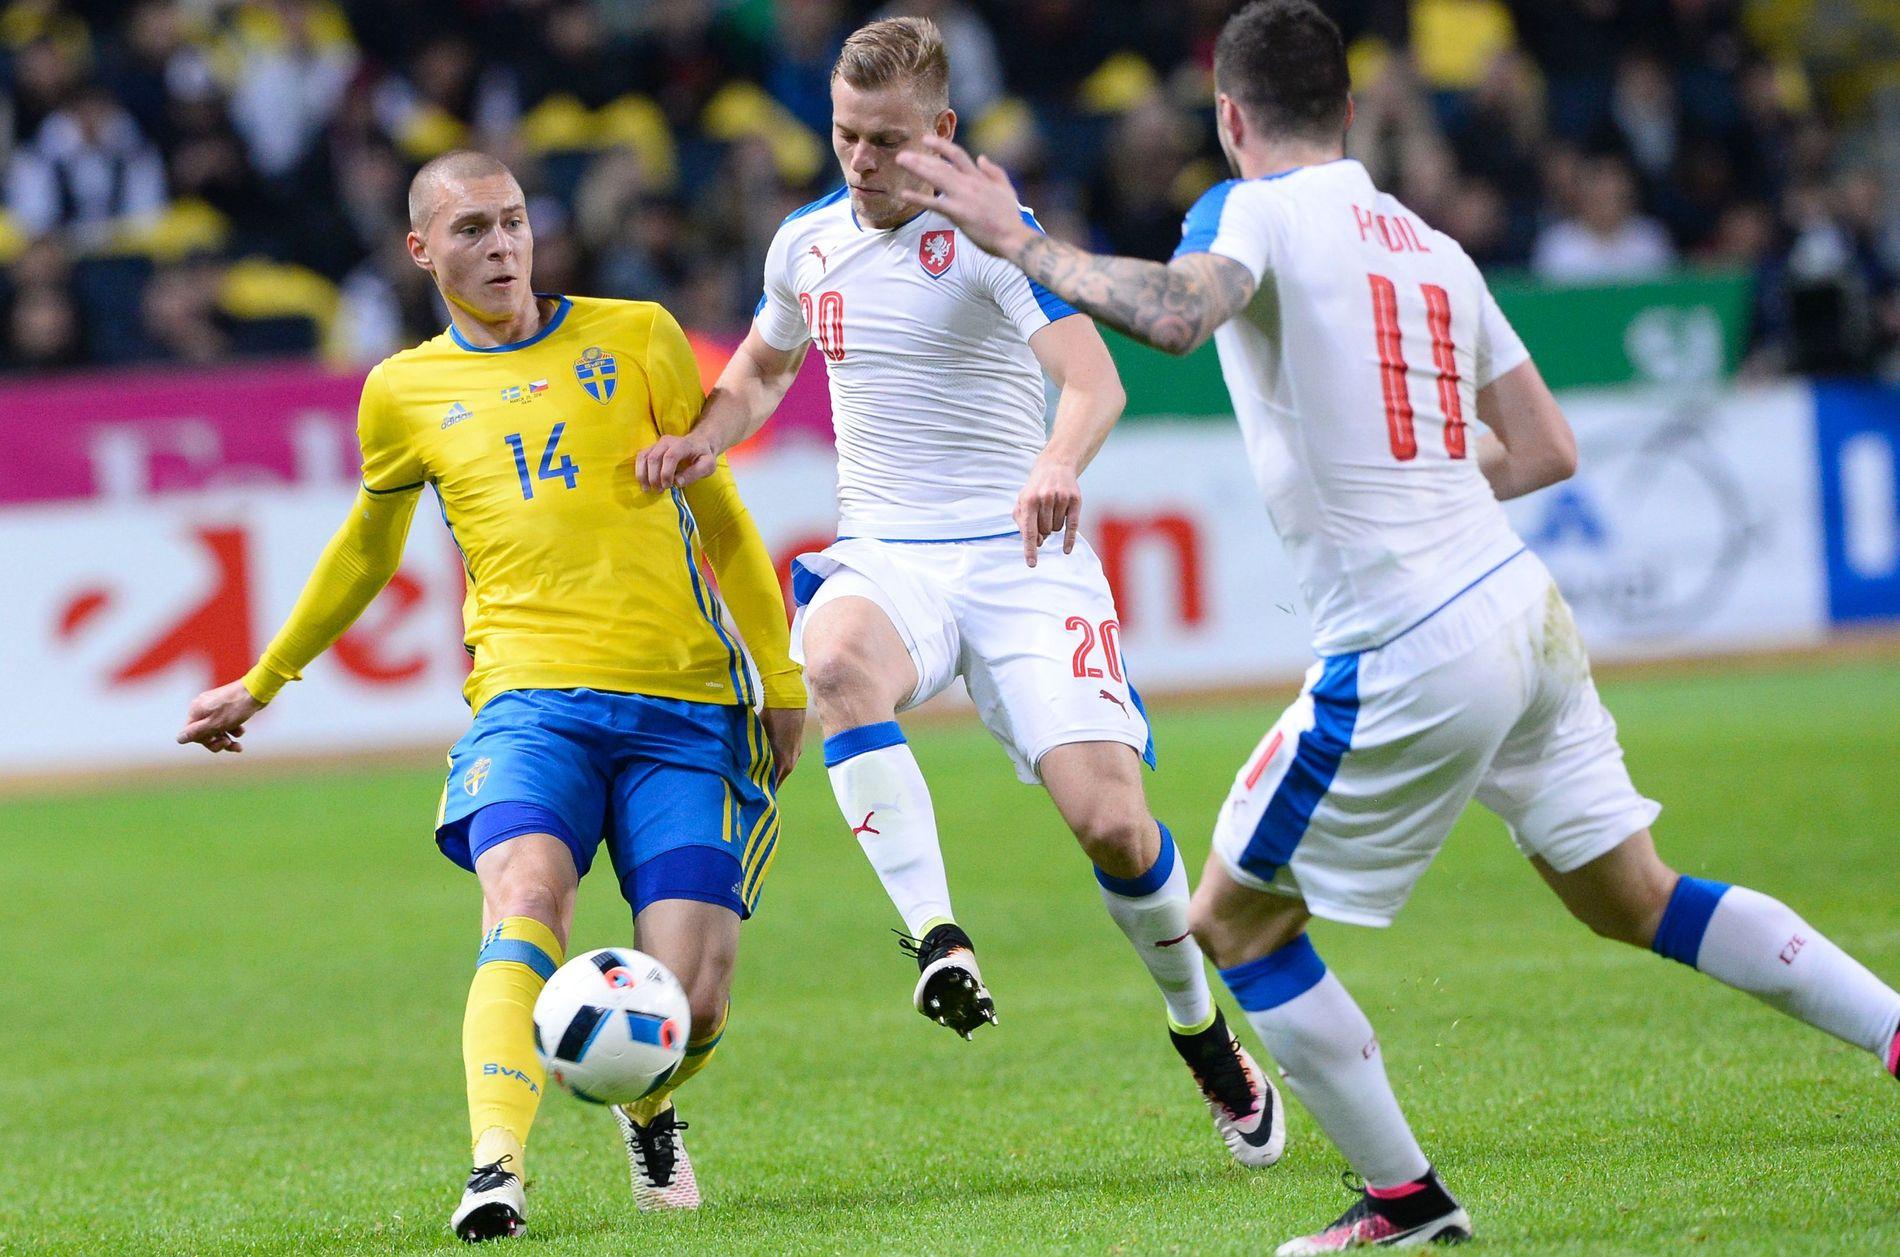 KREVER ENDRINGER: De svenske spillerne er selv klar over at de må skjerpe innsatsen mot Italia. Her er Benfica-forsvareren Victor Nilsson Lindelöf i kamp med Tsjekkias Matej Vydra i en privatkamp i mars.